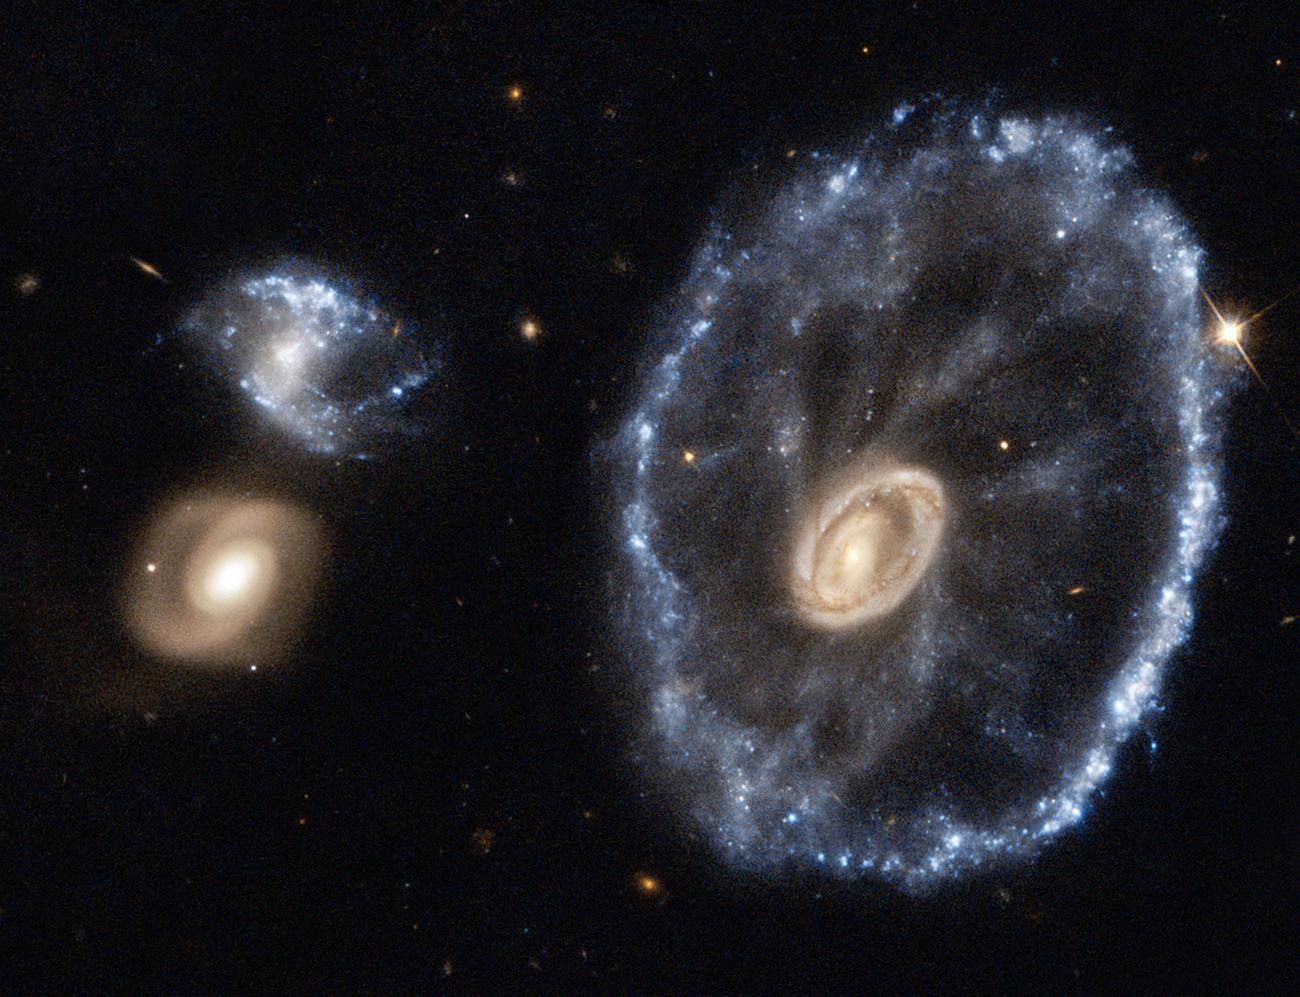 La Galassia Ruota di Carro è situata in direzione della costellazione dello Scultore alla distanza di circa 500 milioni di anni luce dalla Terra. Le sue dimensioni sono stimate in circa 150.000 anni luce di diametro, quindi leggermente superiori a quelle della Via Lattea